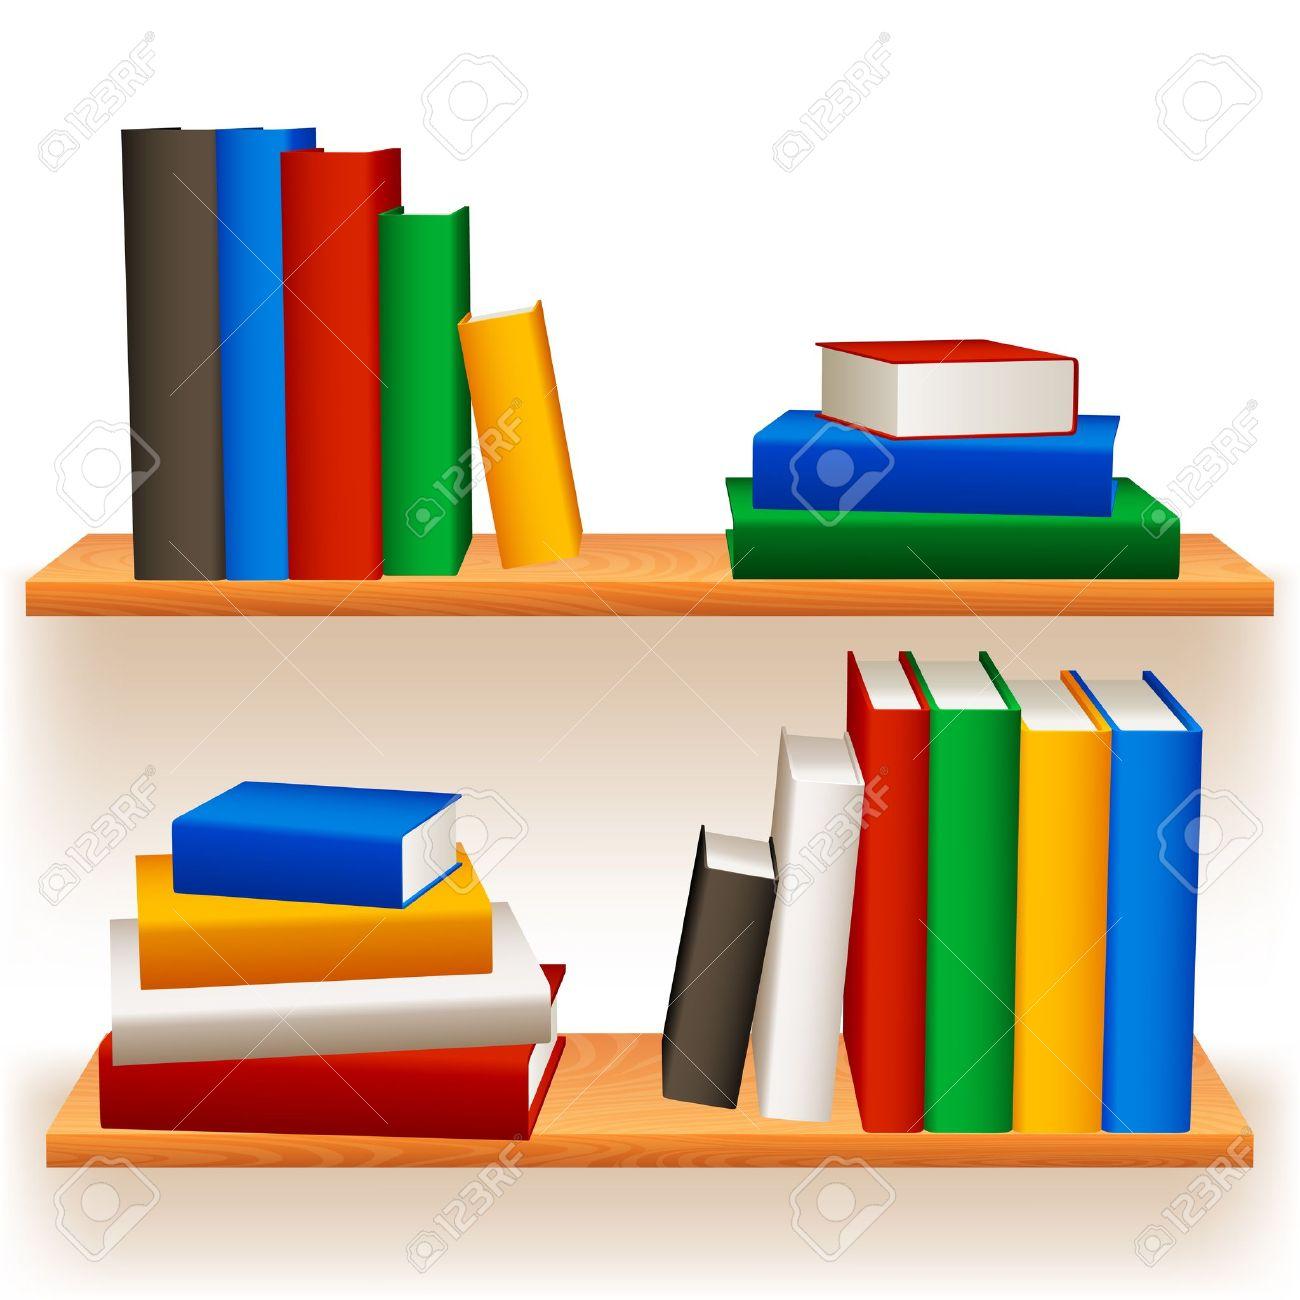 Realistic 3d illustration of modern wooden bookshelf against ston - 3d Bookshelf Bookshelves